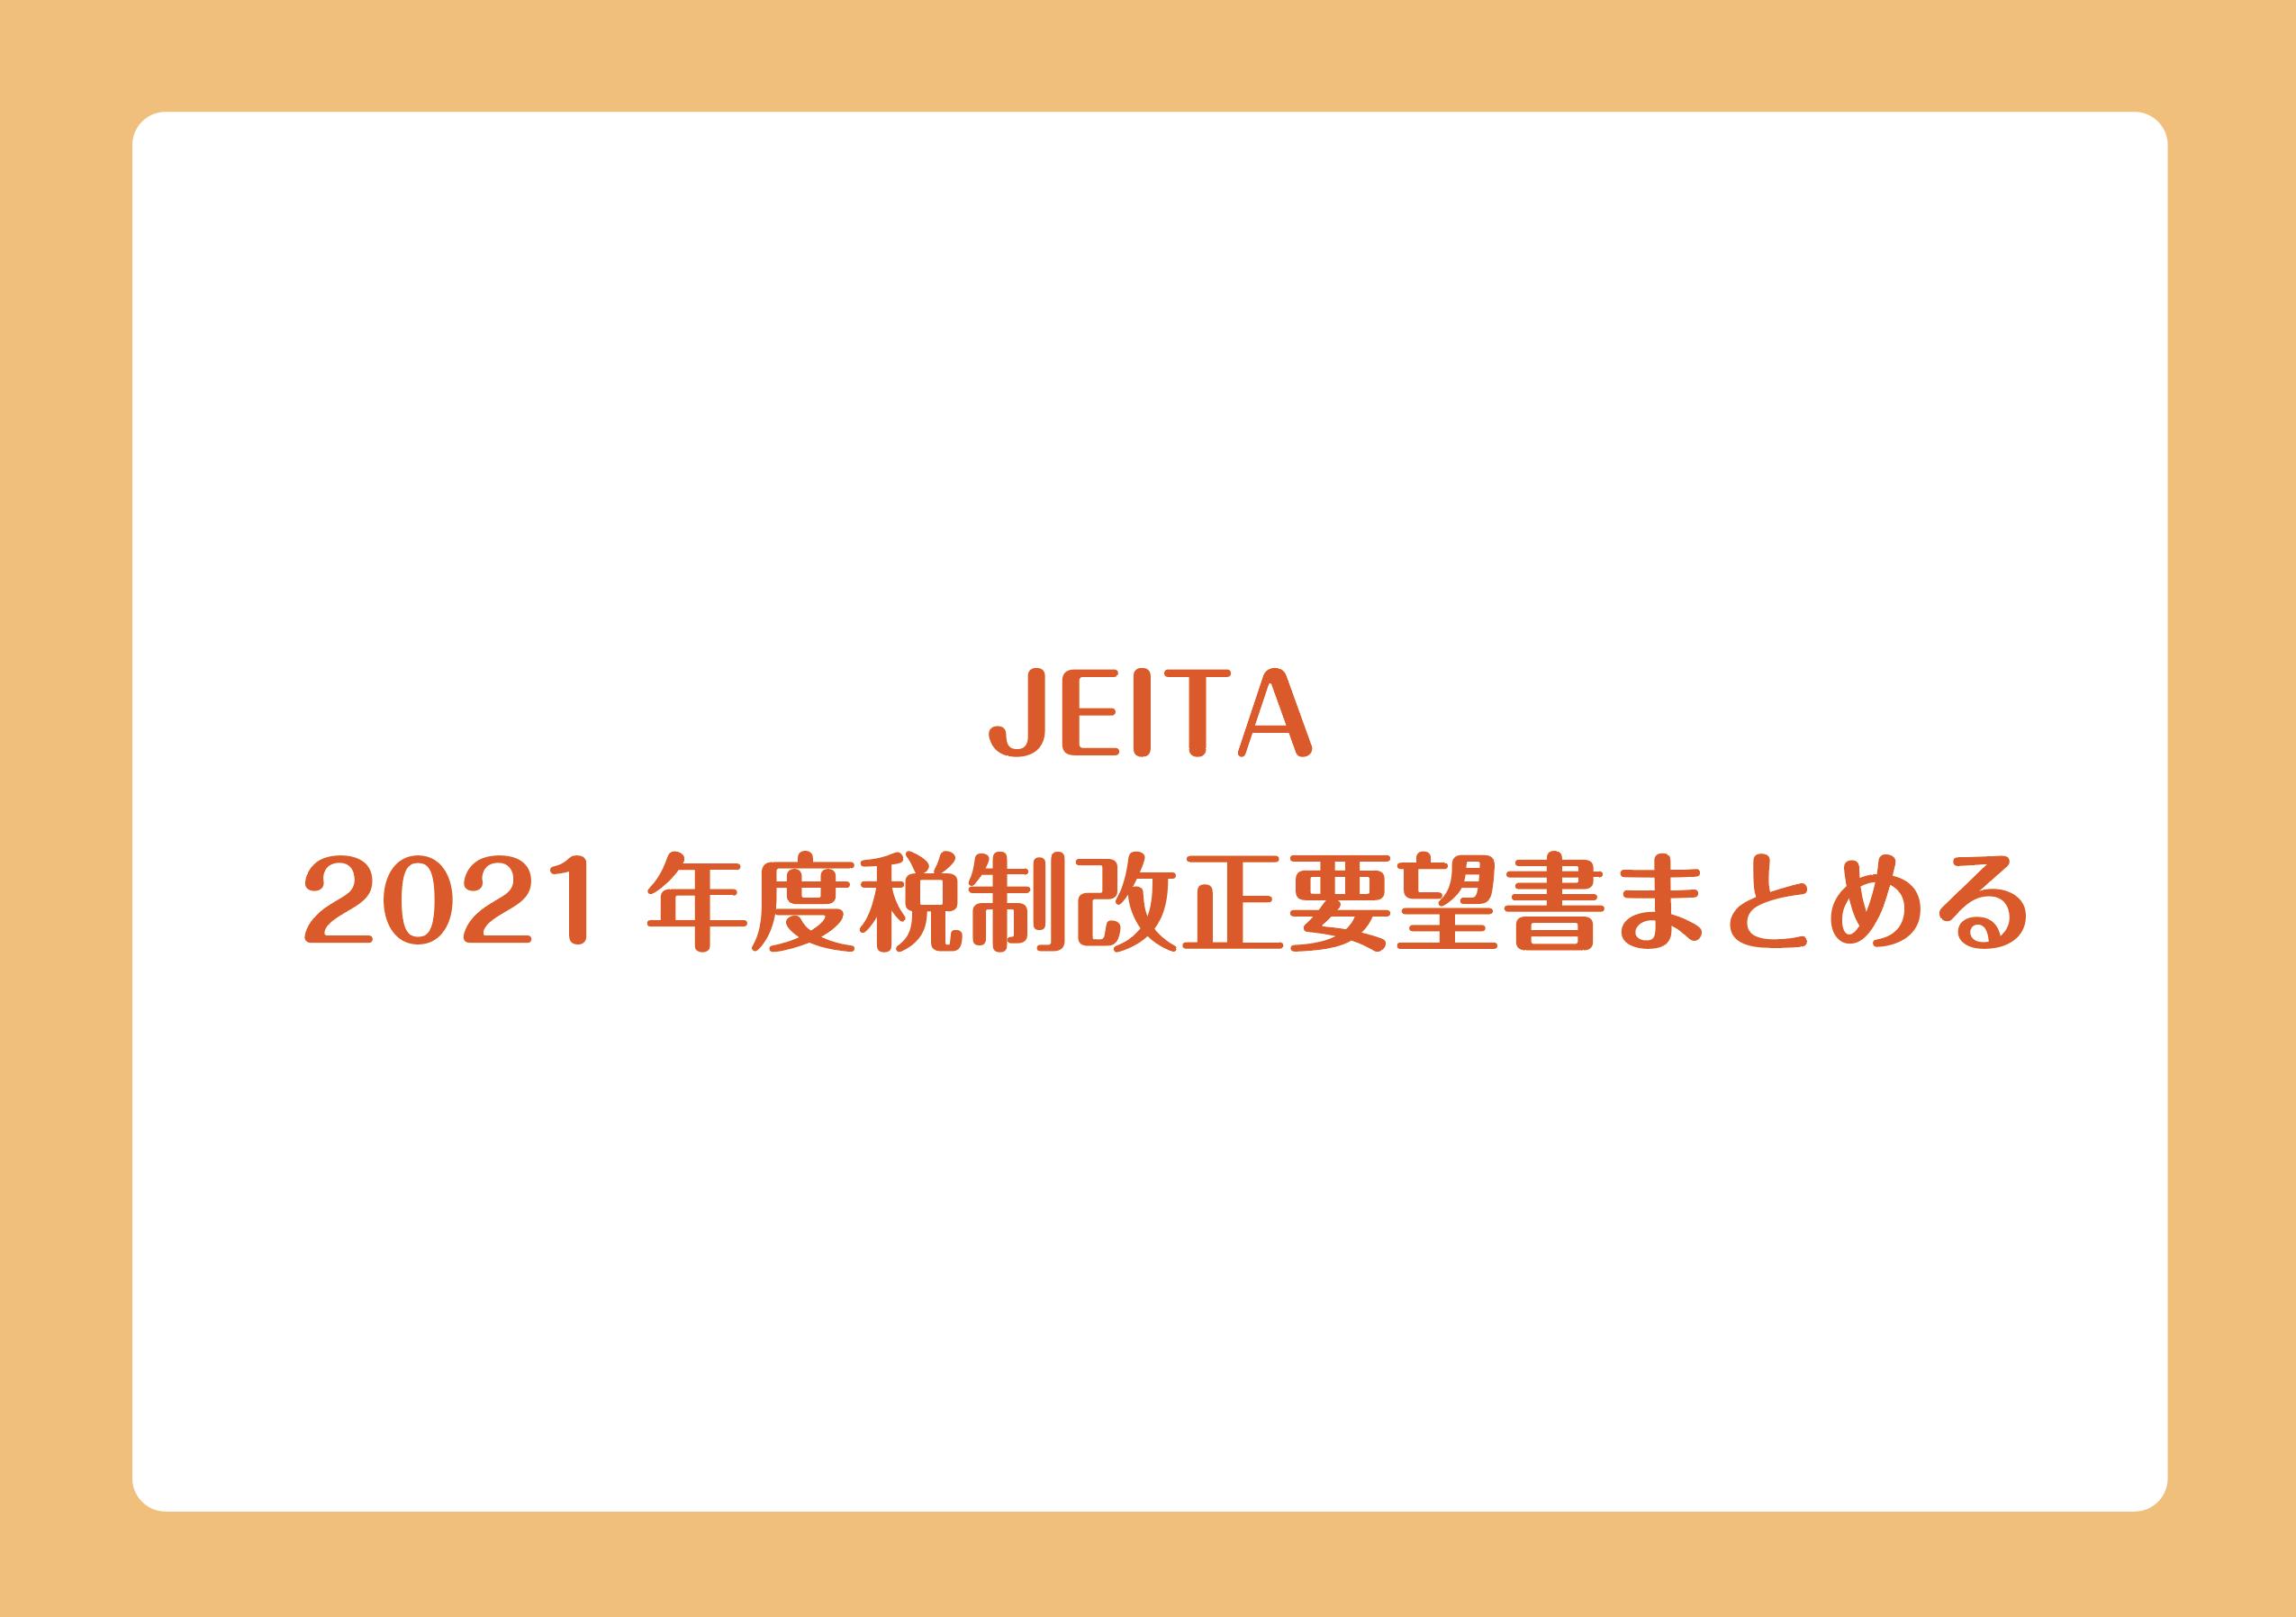 JEITA 2021年度税制改正要望書まとめるの画像